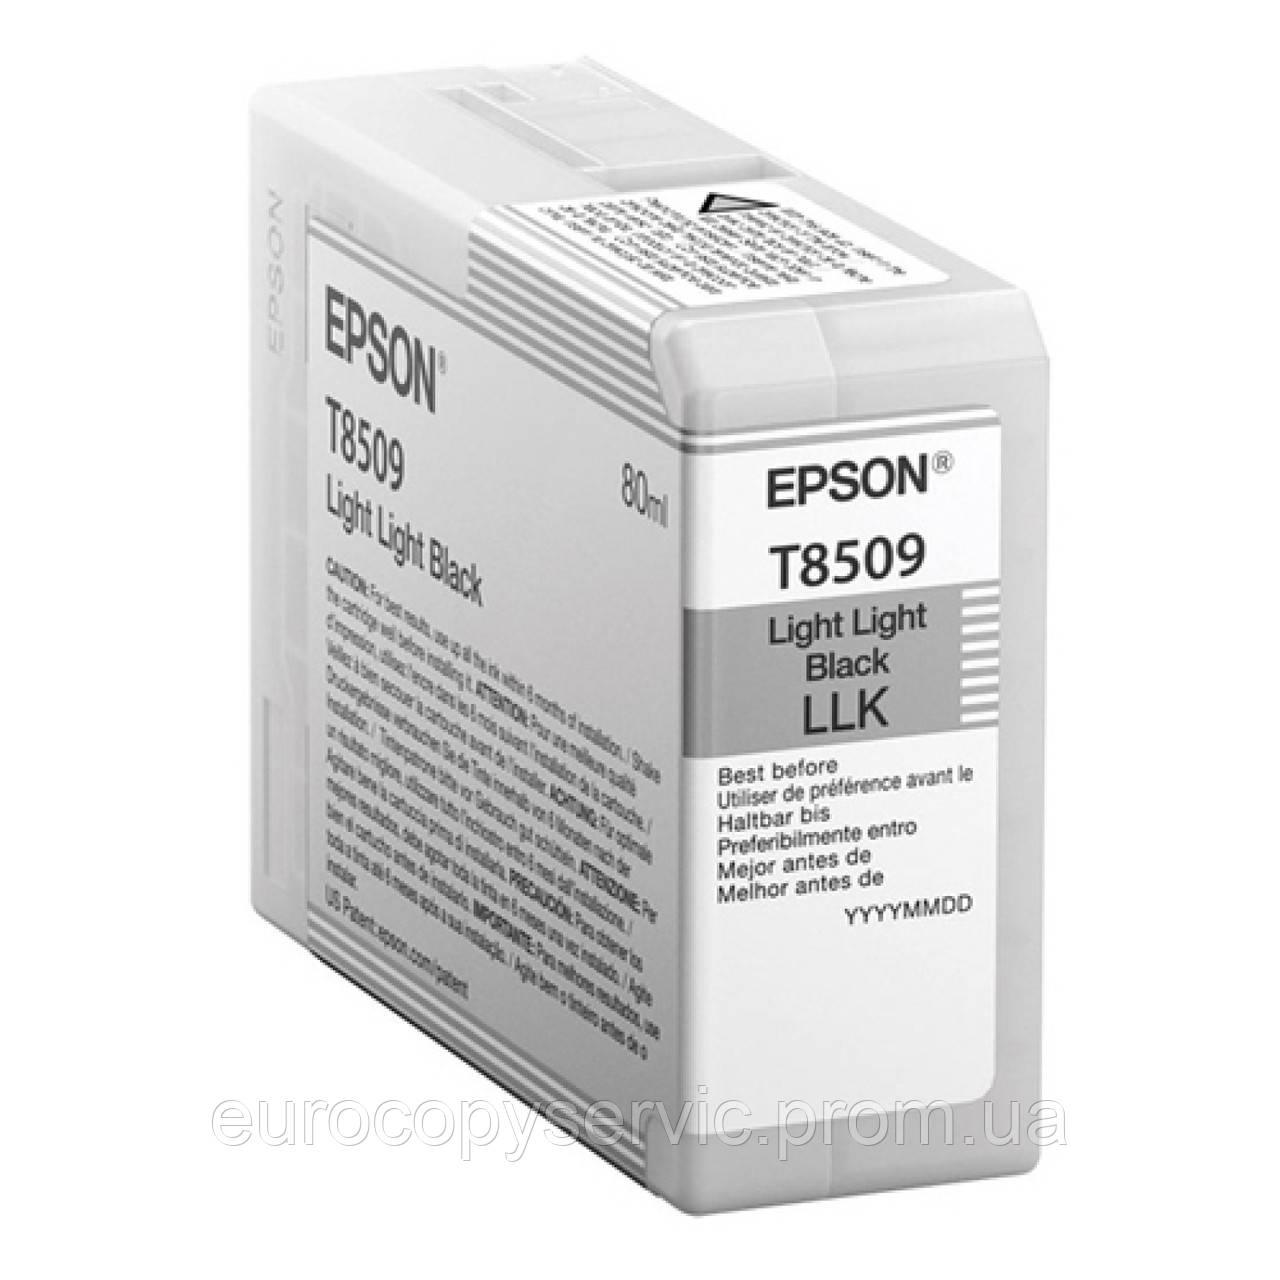 Картридж Epson SureColor SC-P800 Light Grey (C13T850900) Original